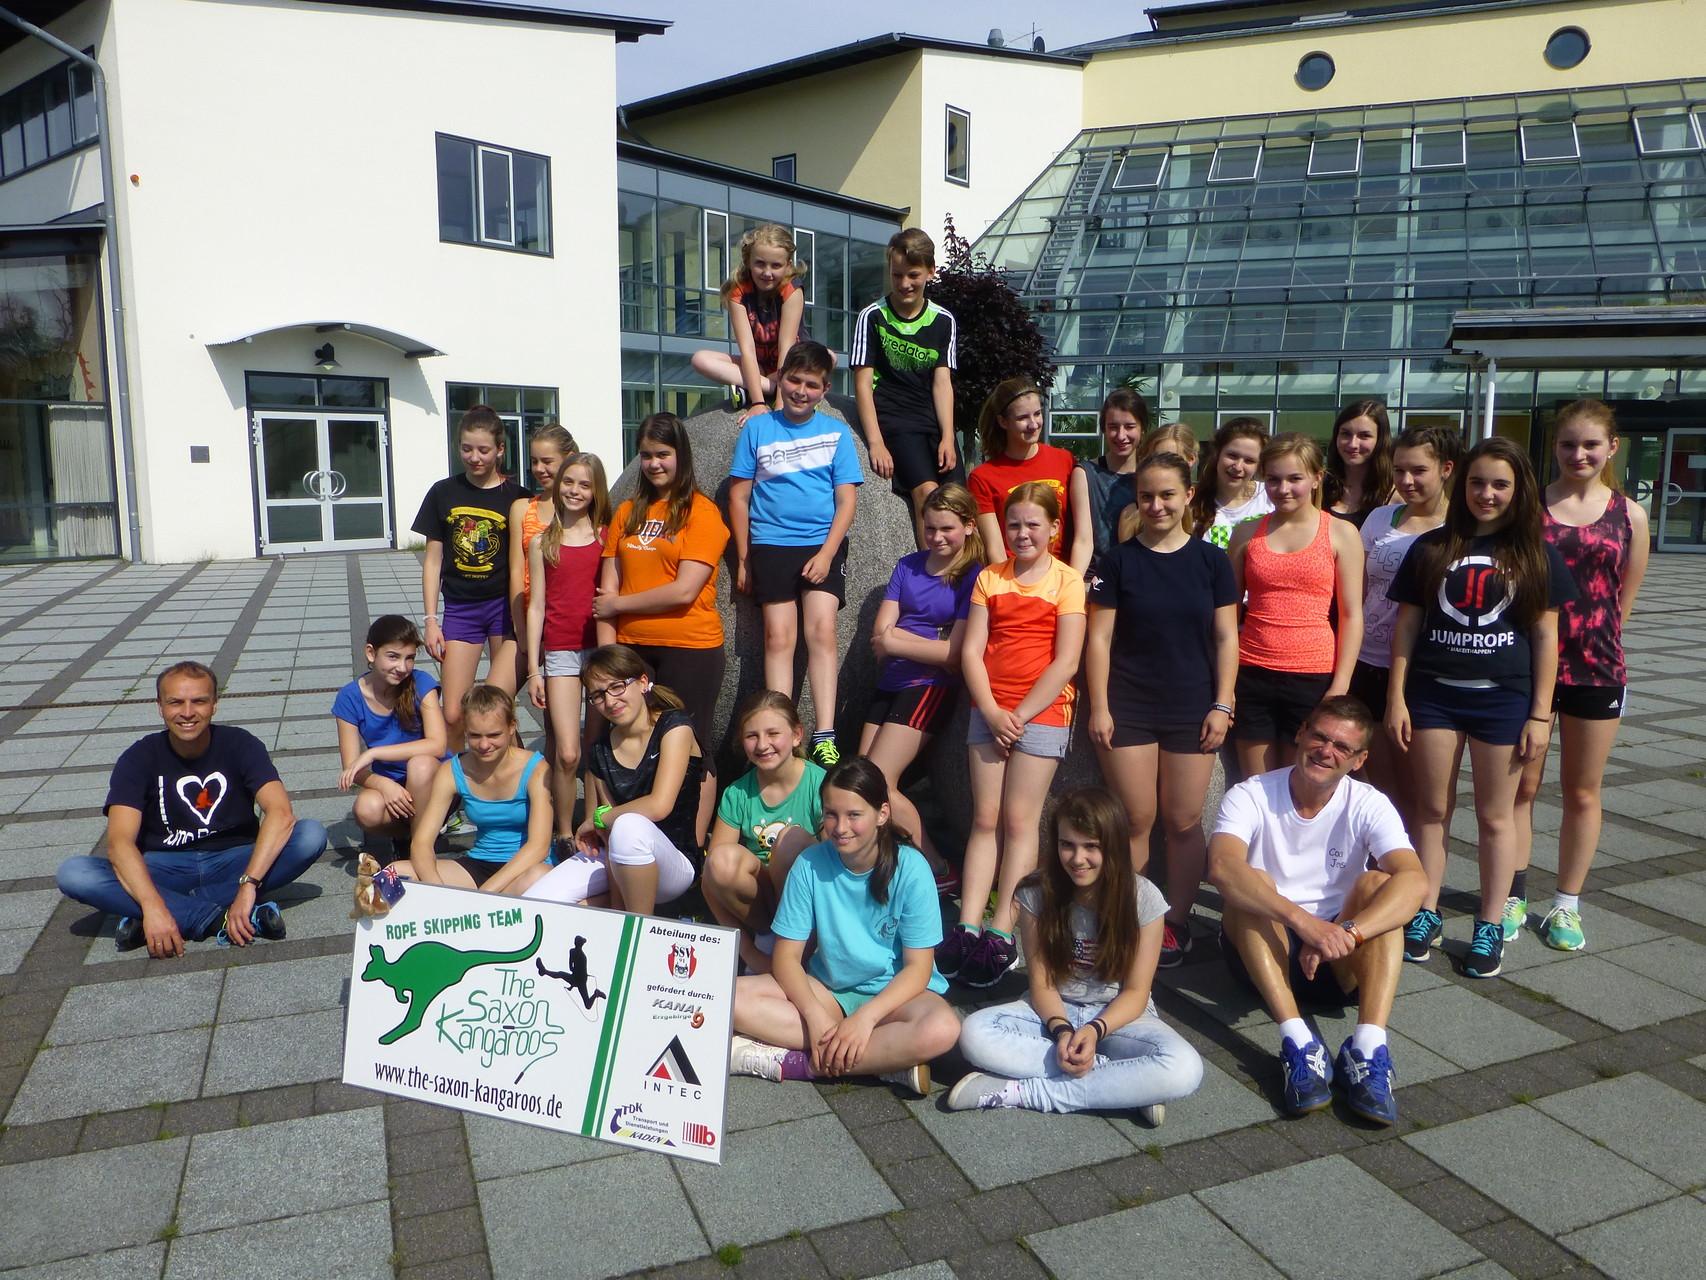 2015 - Sommerabschlussfest